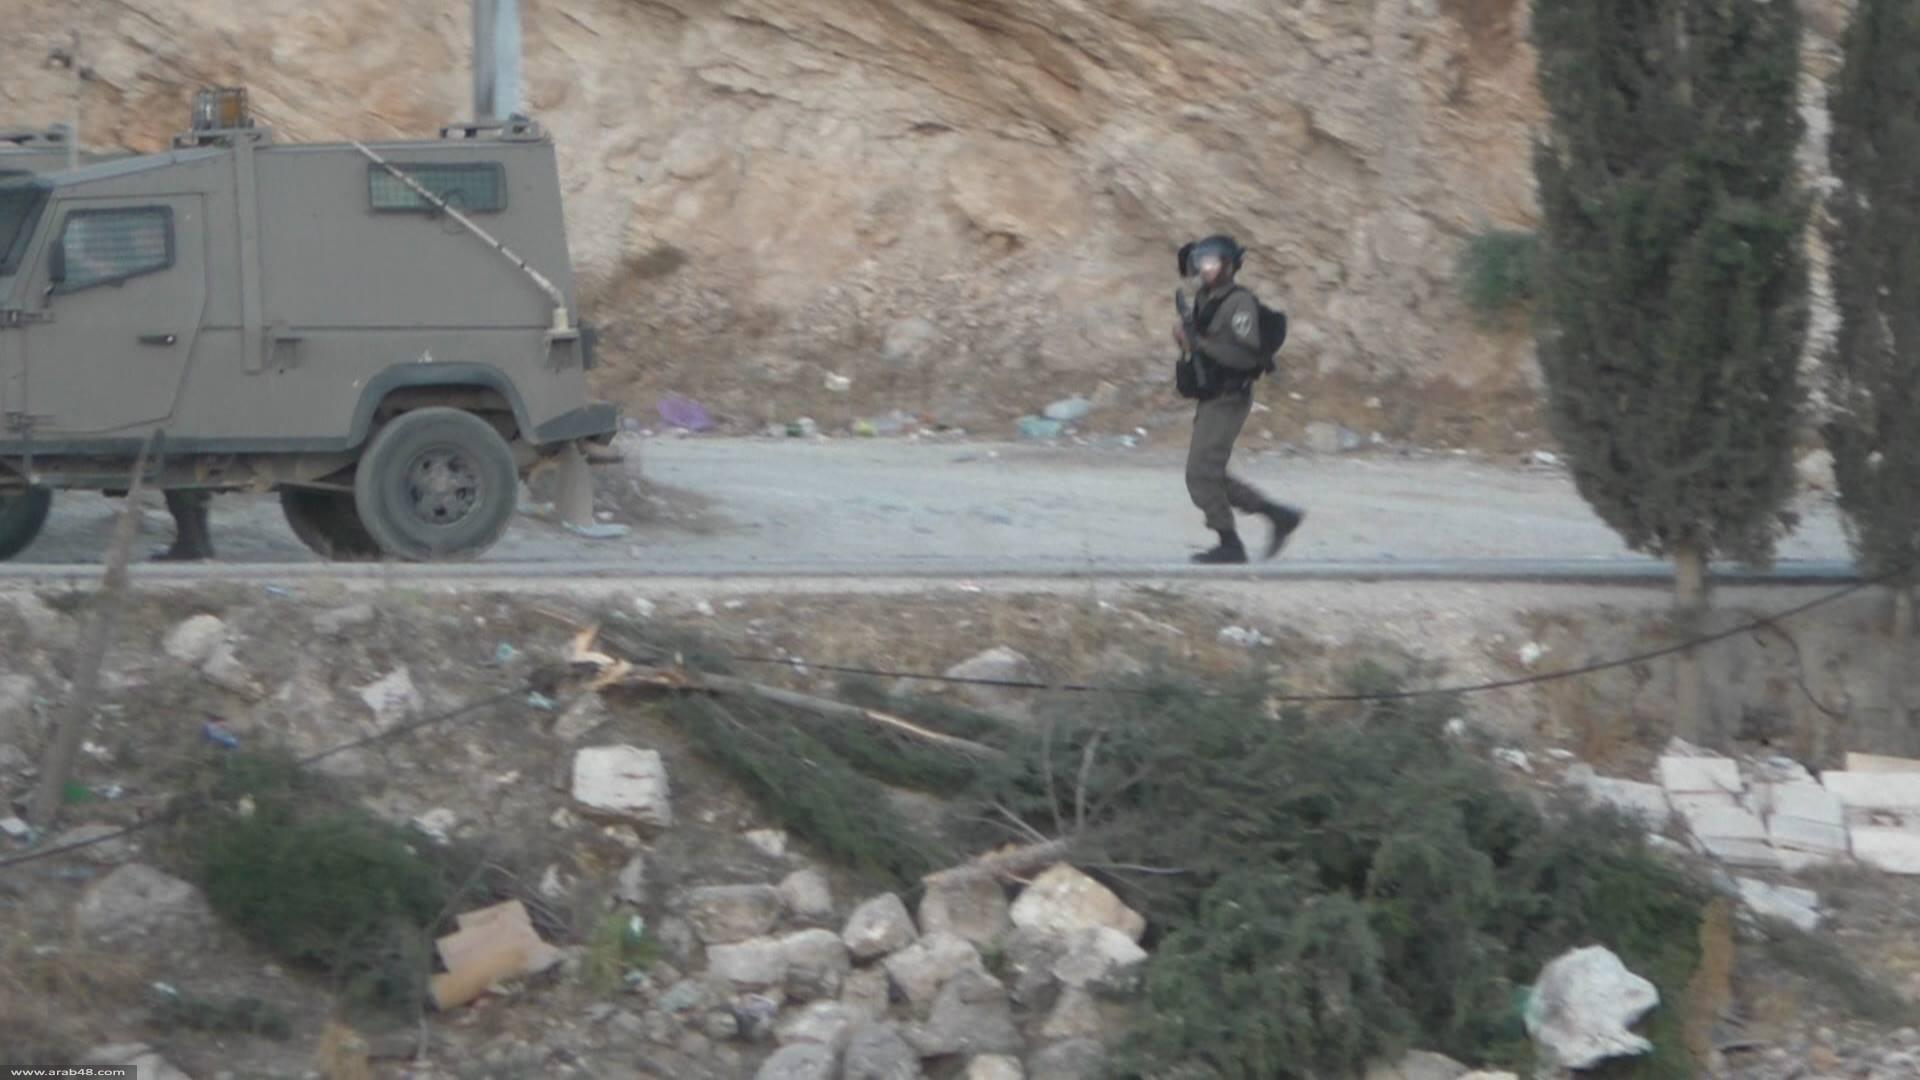 صوريف: الاحتلال قصف منزل الفقيه بصواريخ ثم هدمه عليه